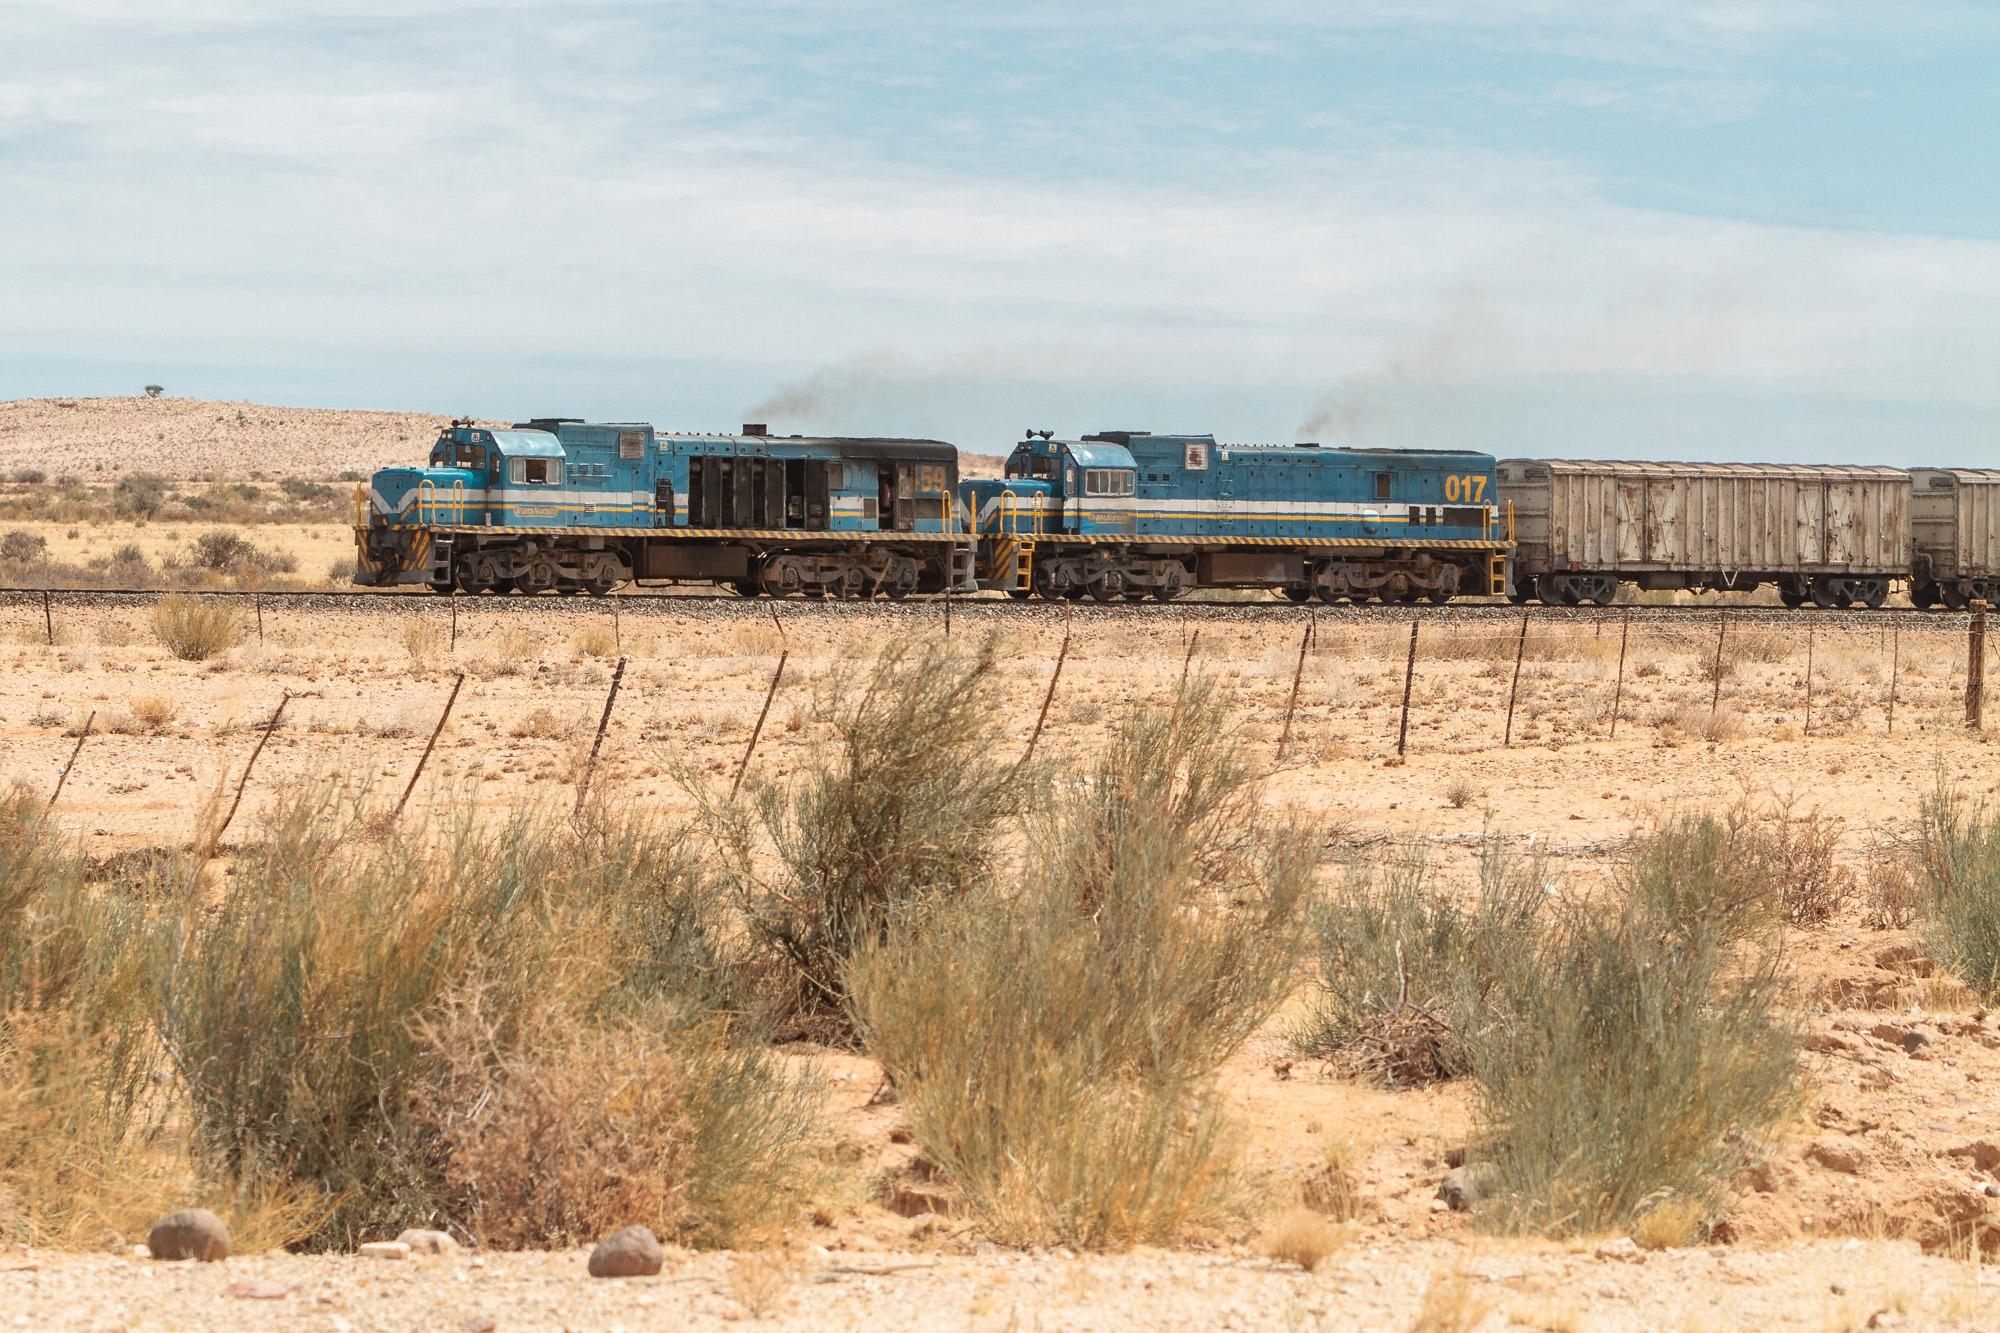 Alter Zug in der Wüste von Namibia